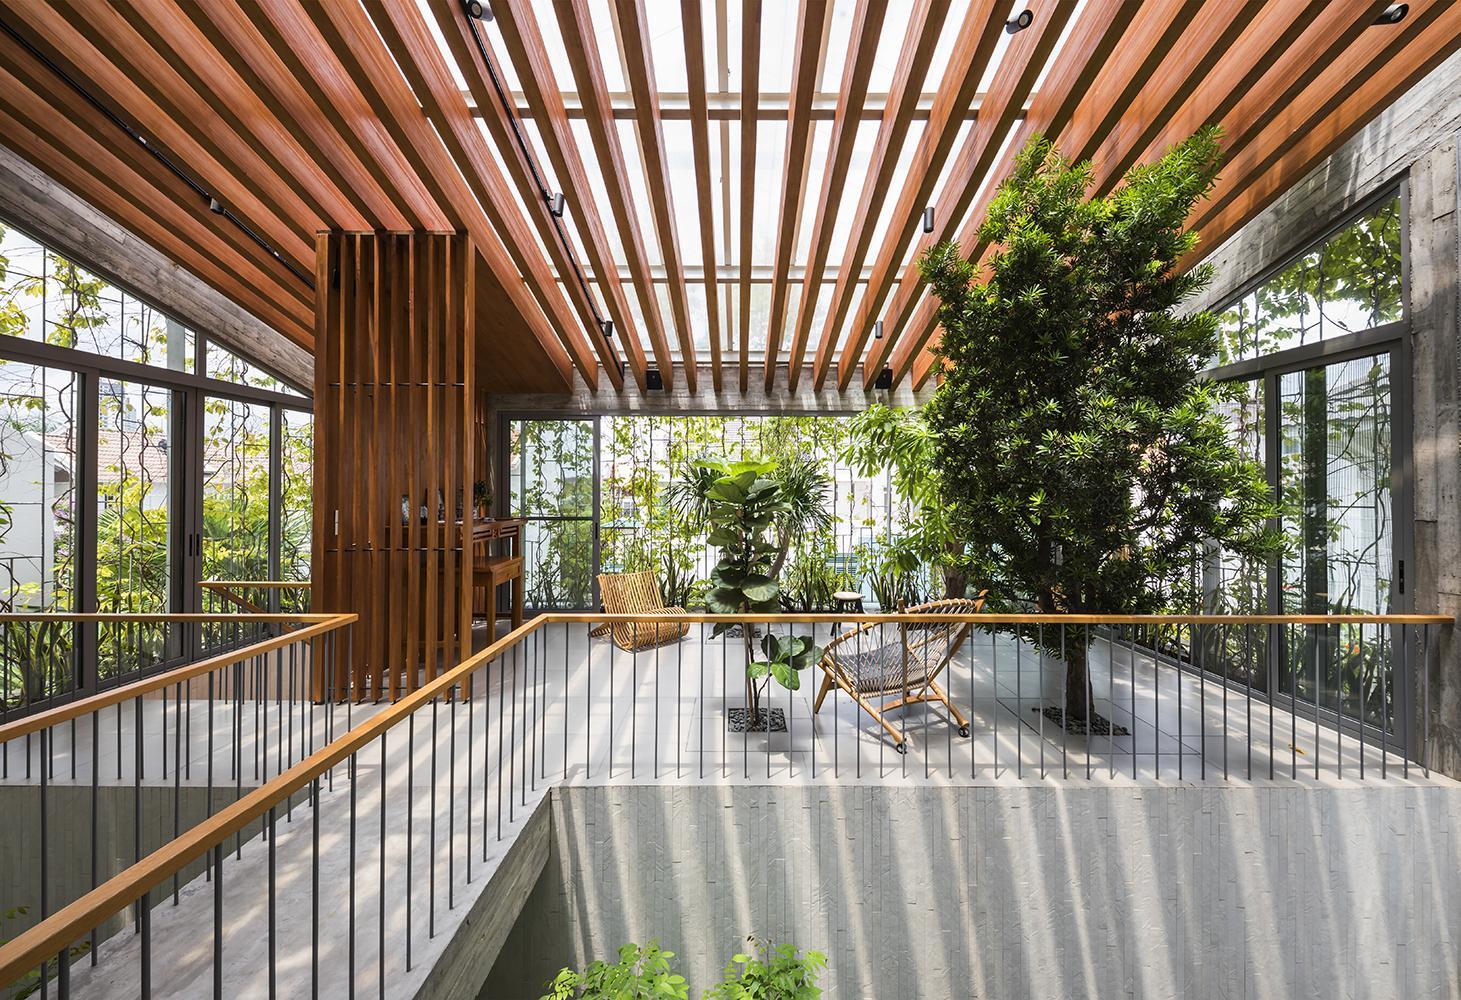 Khoảng trời rộng ở giữa nhà để cho ánh sáng và gió có thể chan hòa. Không gian này để cho gió tự do trong ngôi nhà thoáng đãng, nắng long lanh làm xanh lên những khoảnh cây giữa các tầng.